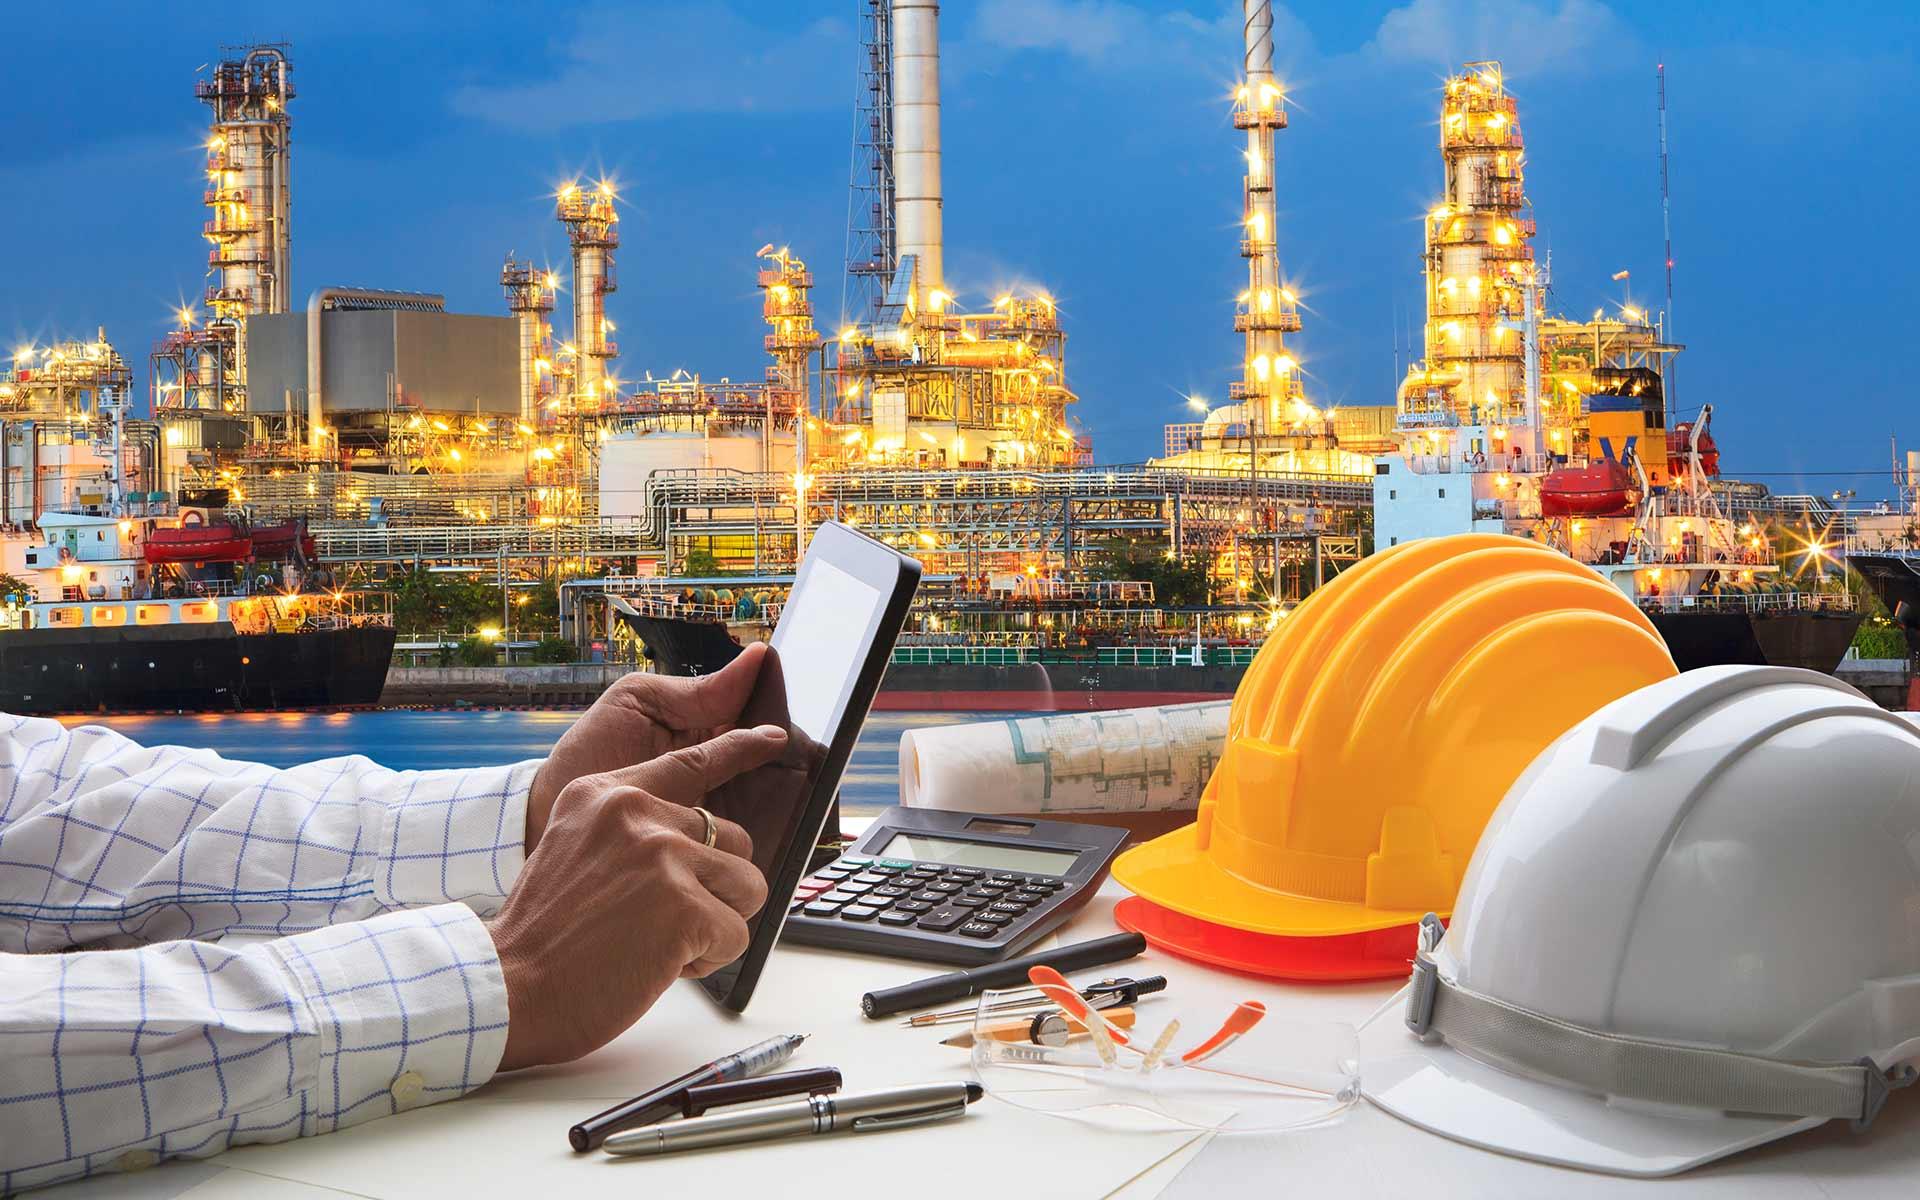 Amalto Technologies On Blockchain In The Oil